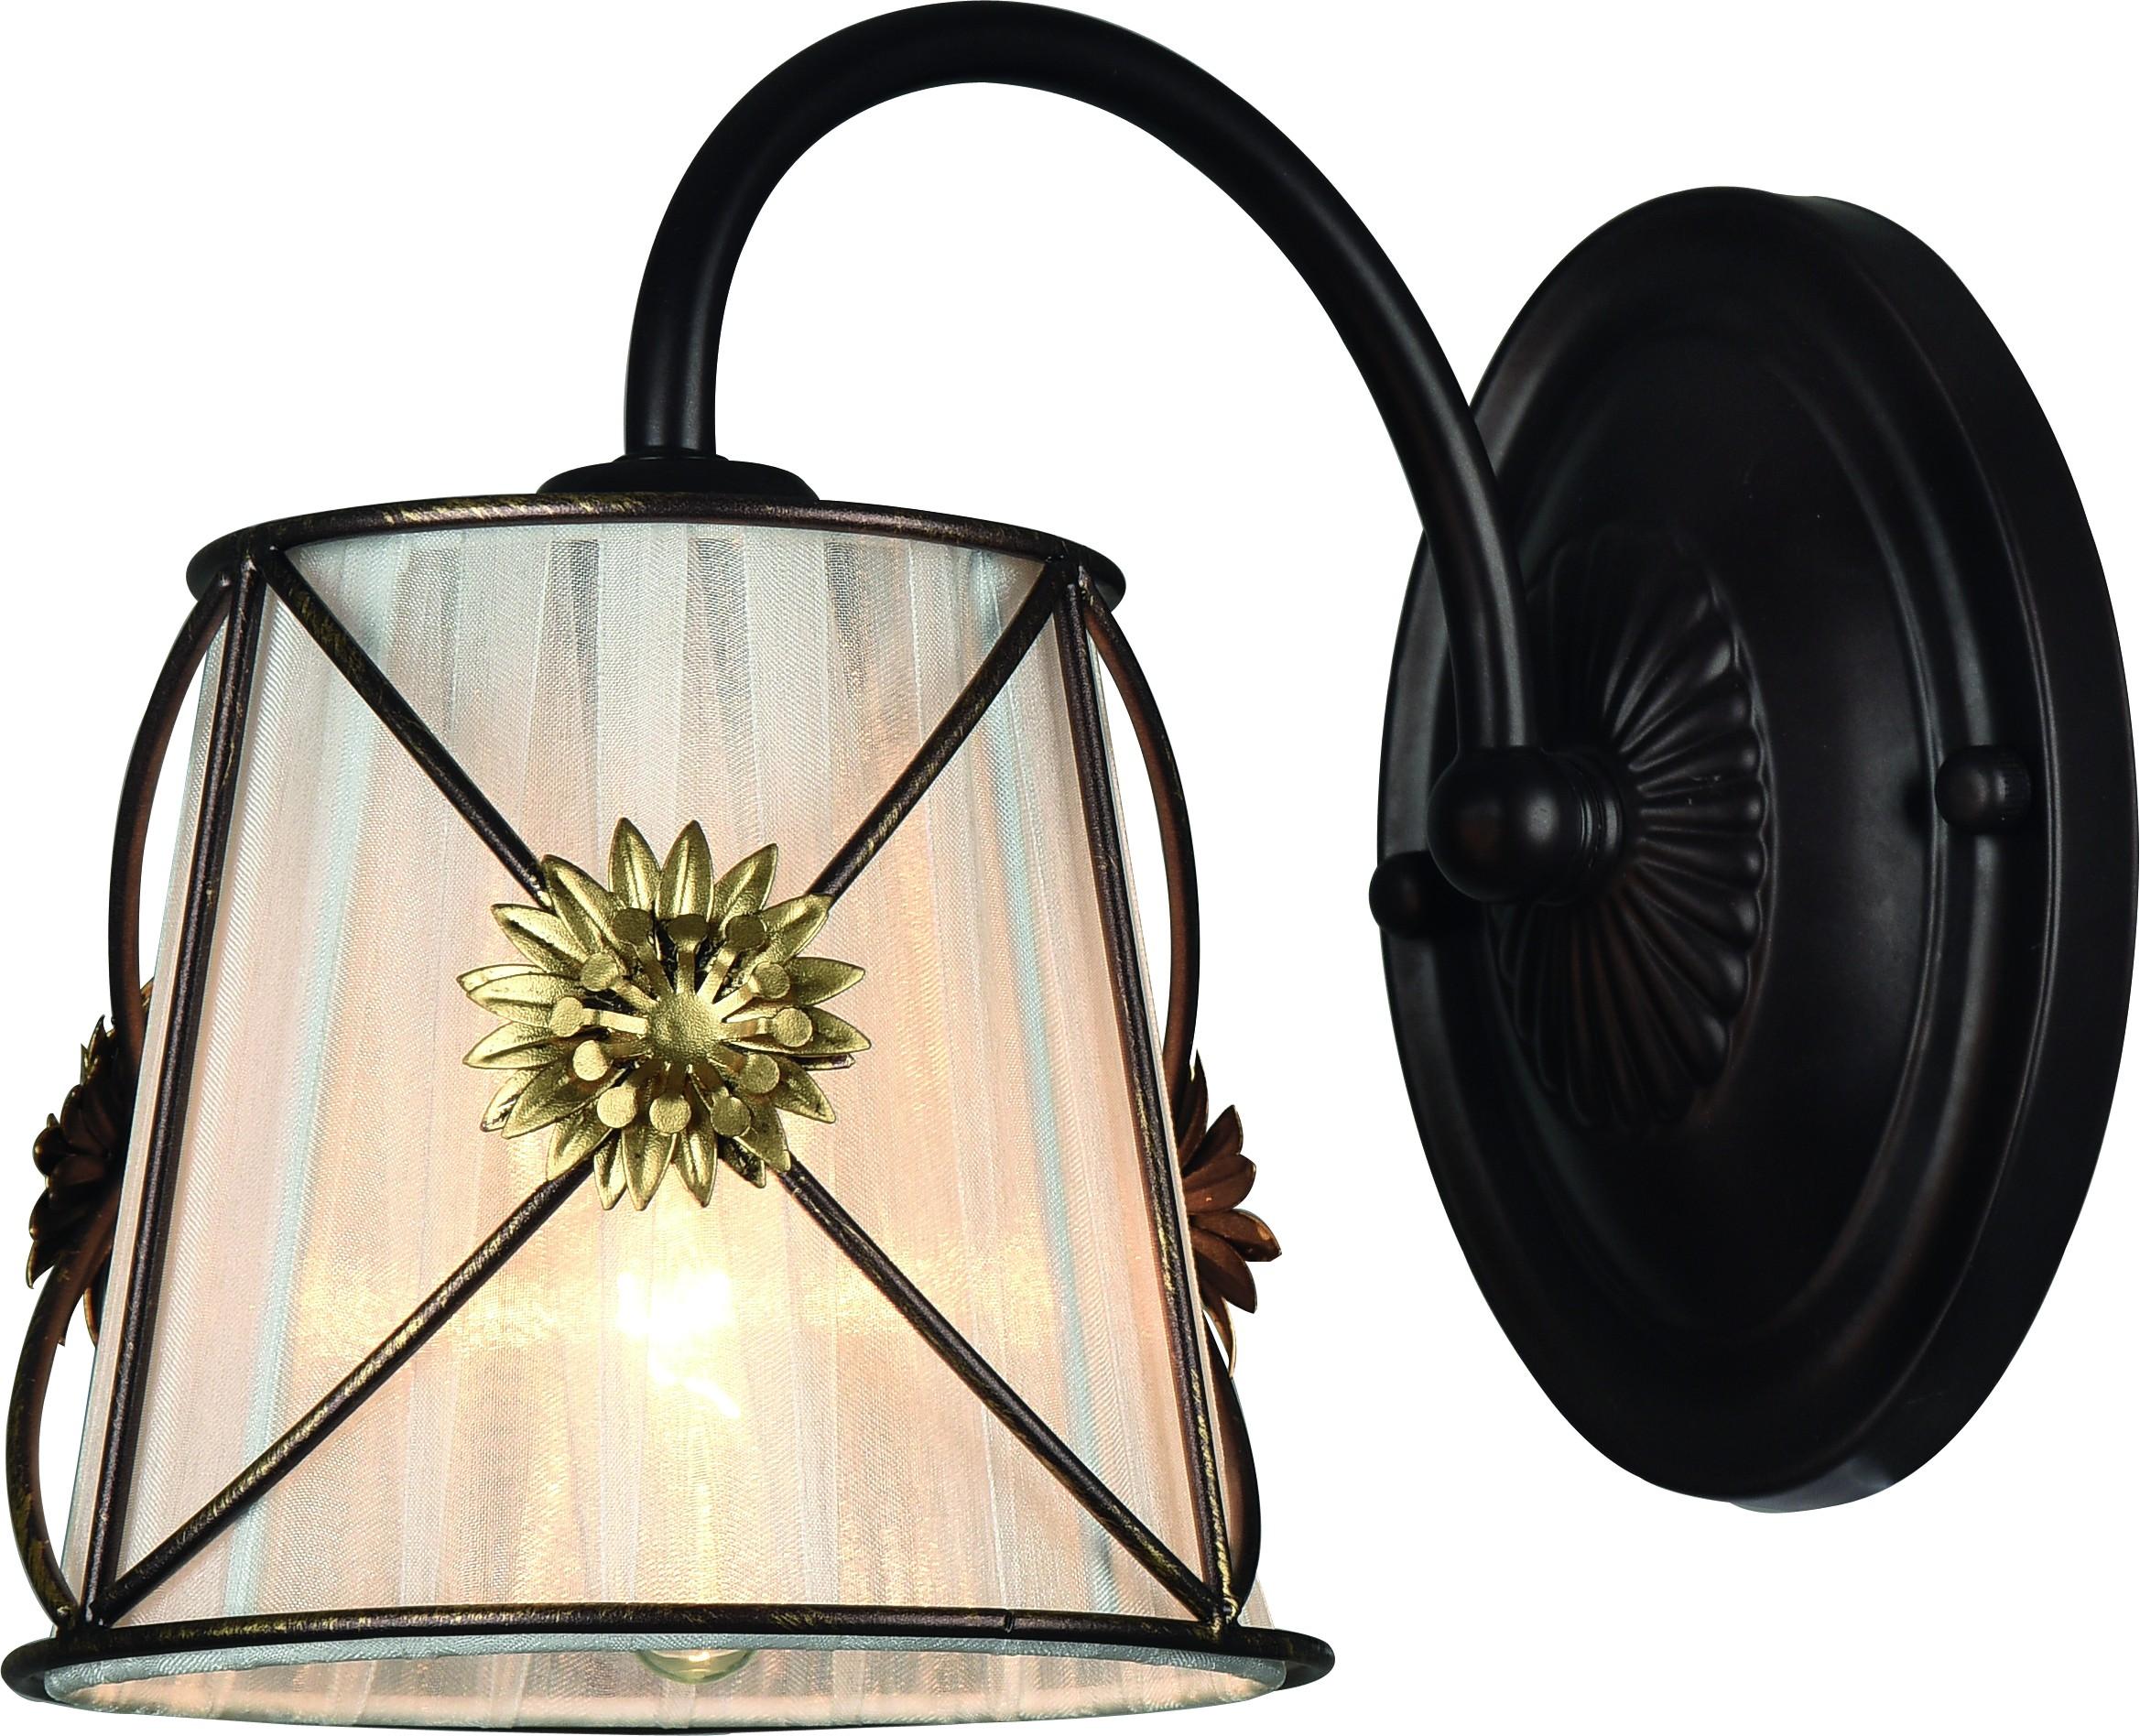 Купить Бра Arte lamp A5495ap-1br